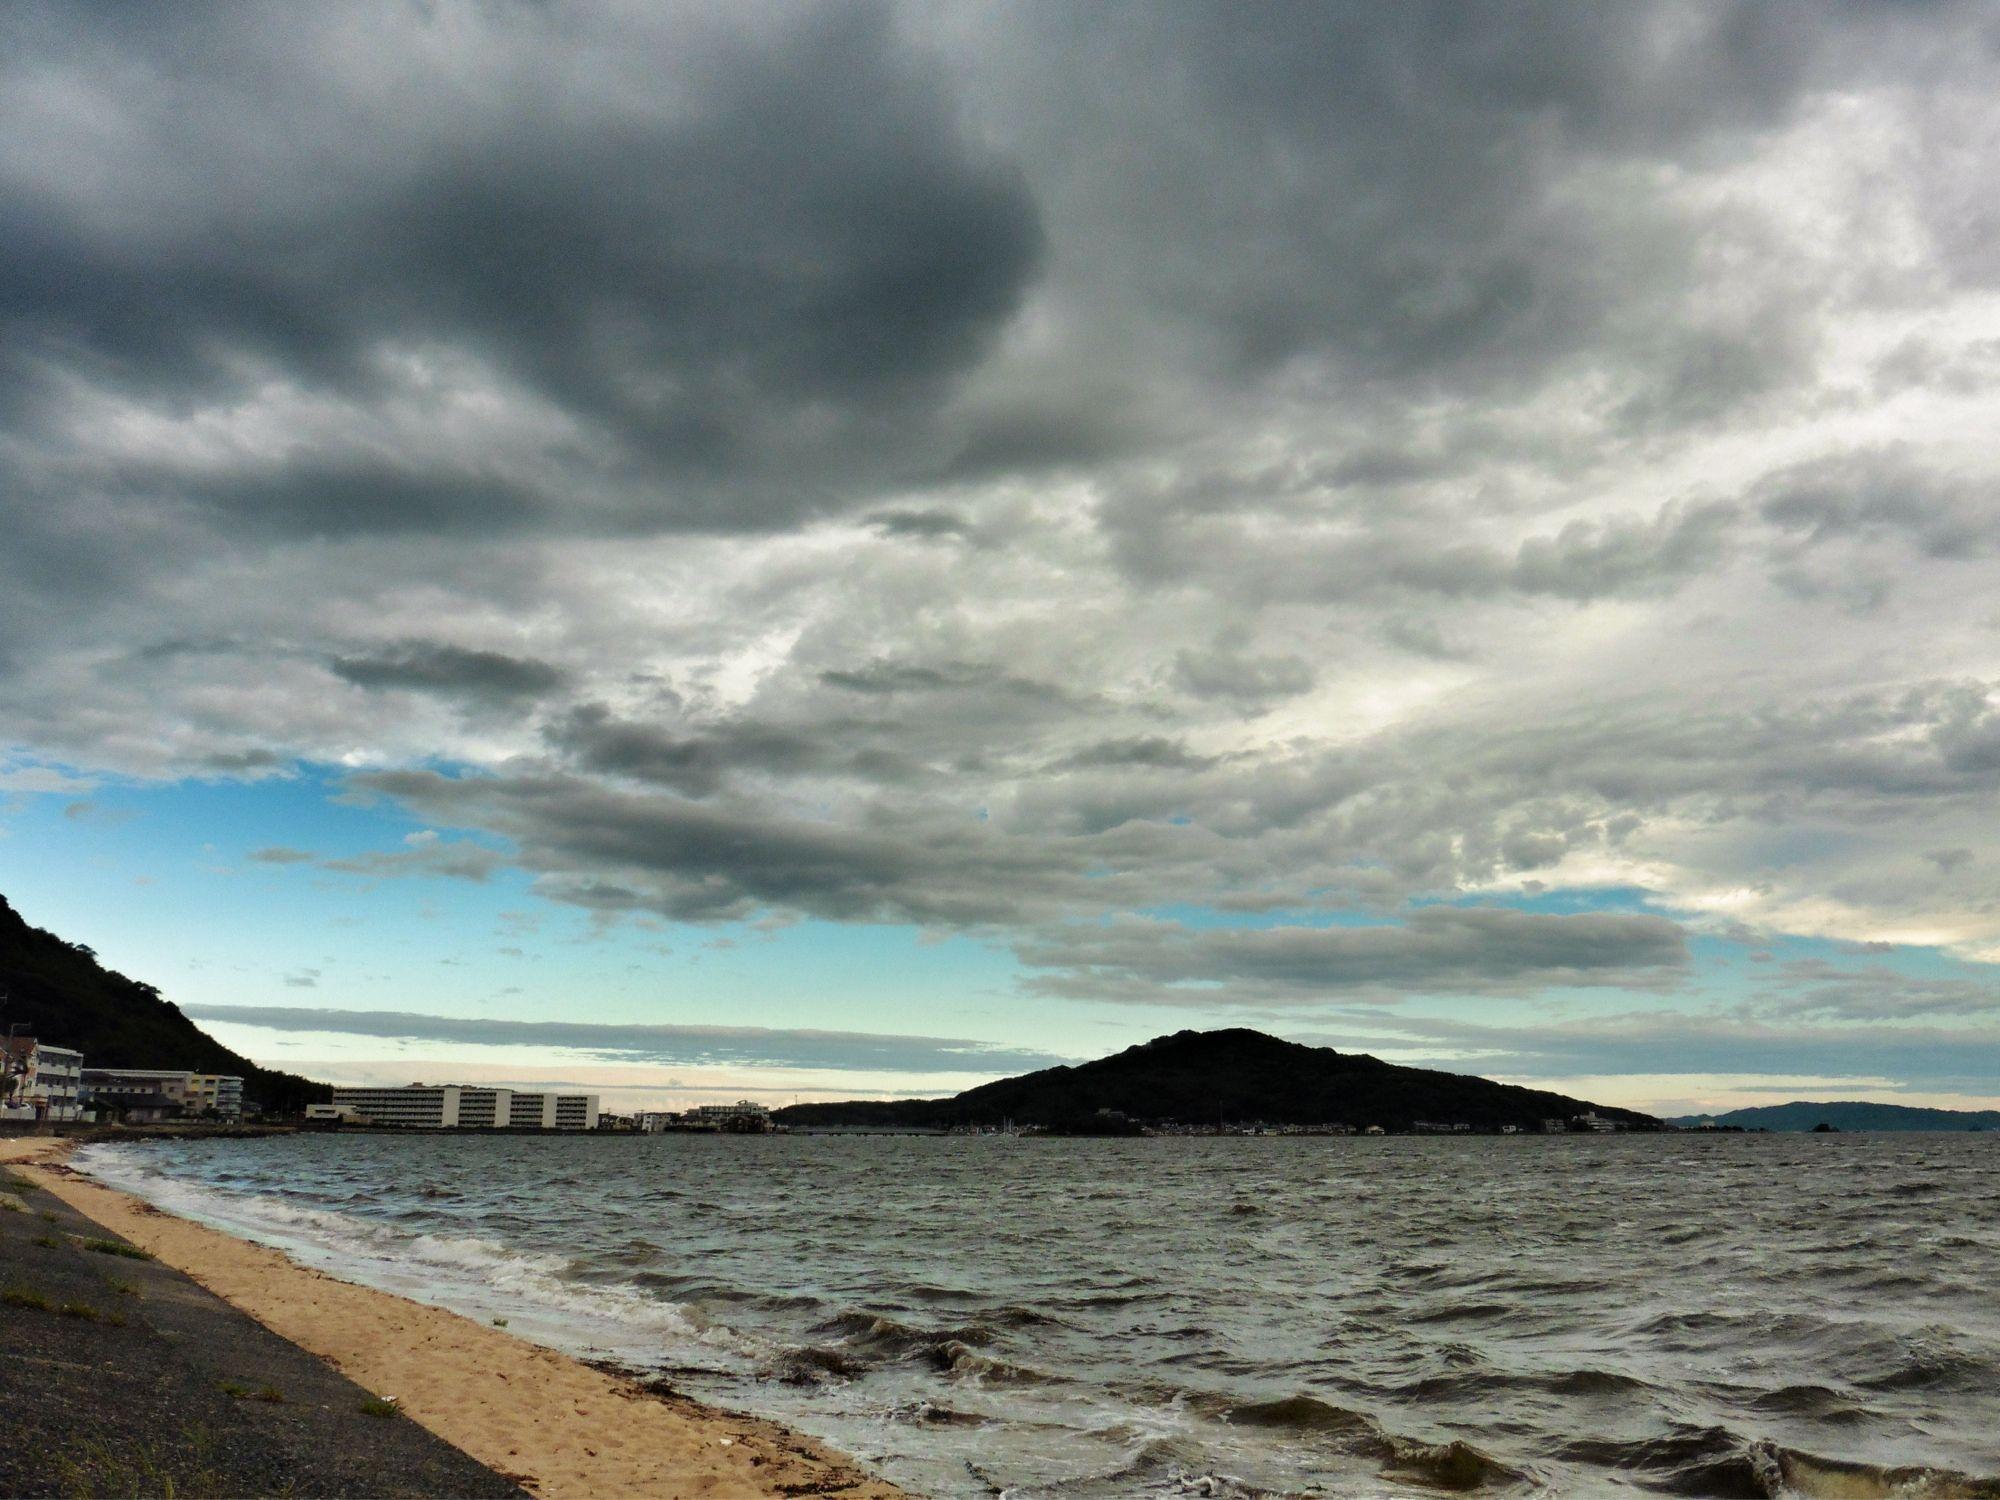 09  Aug. 6:29 西の空の一部には青空が残っている博多湾です。 ( Morning Now at Hakata bay in Japan )